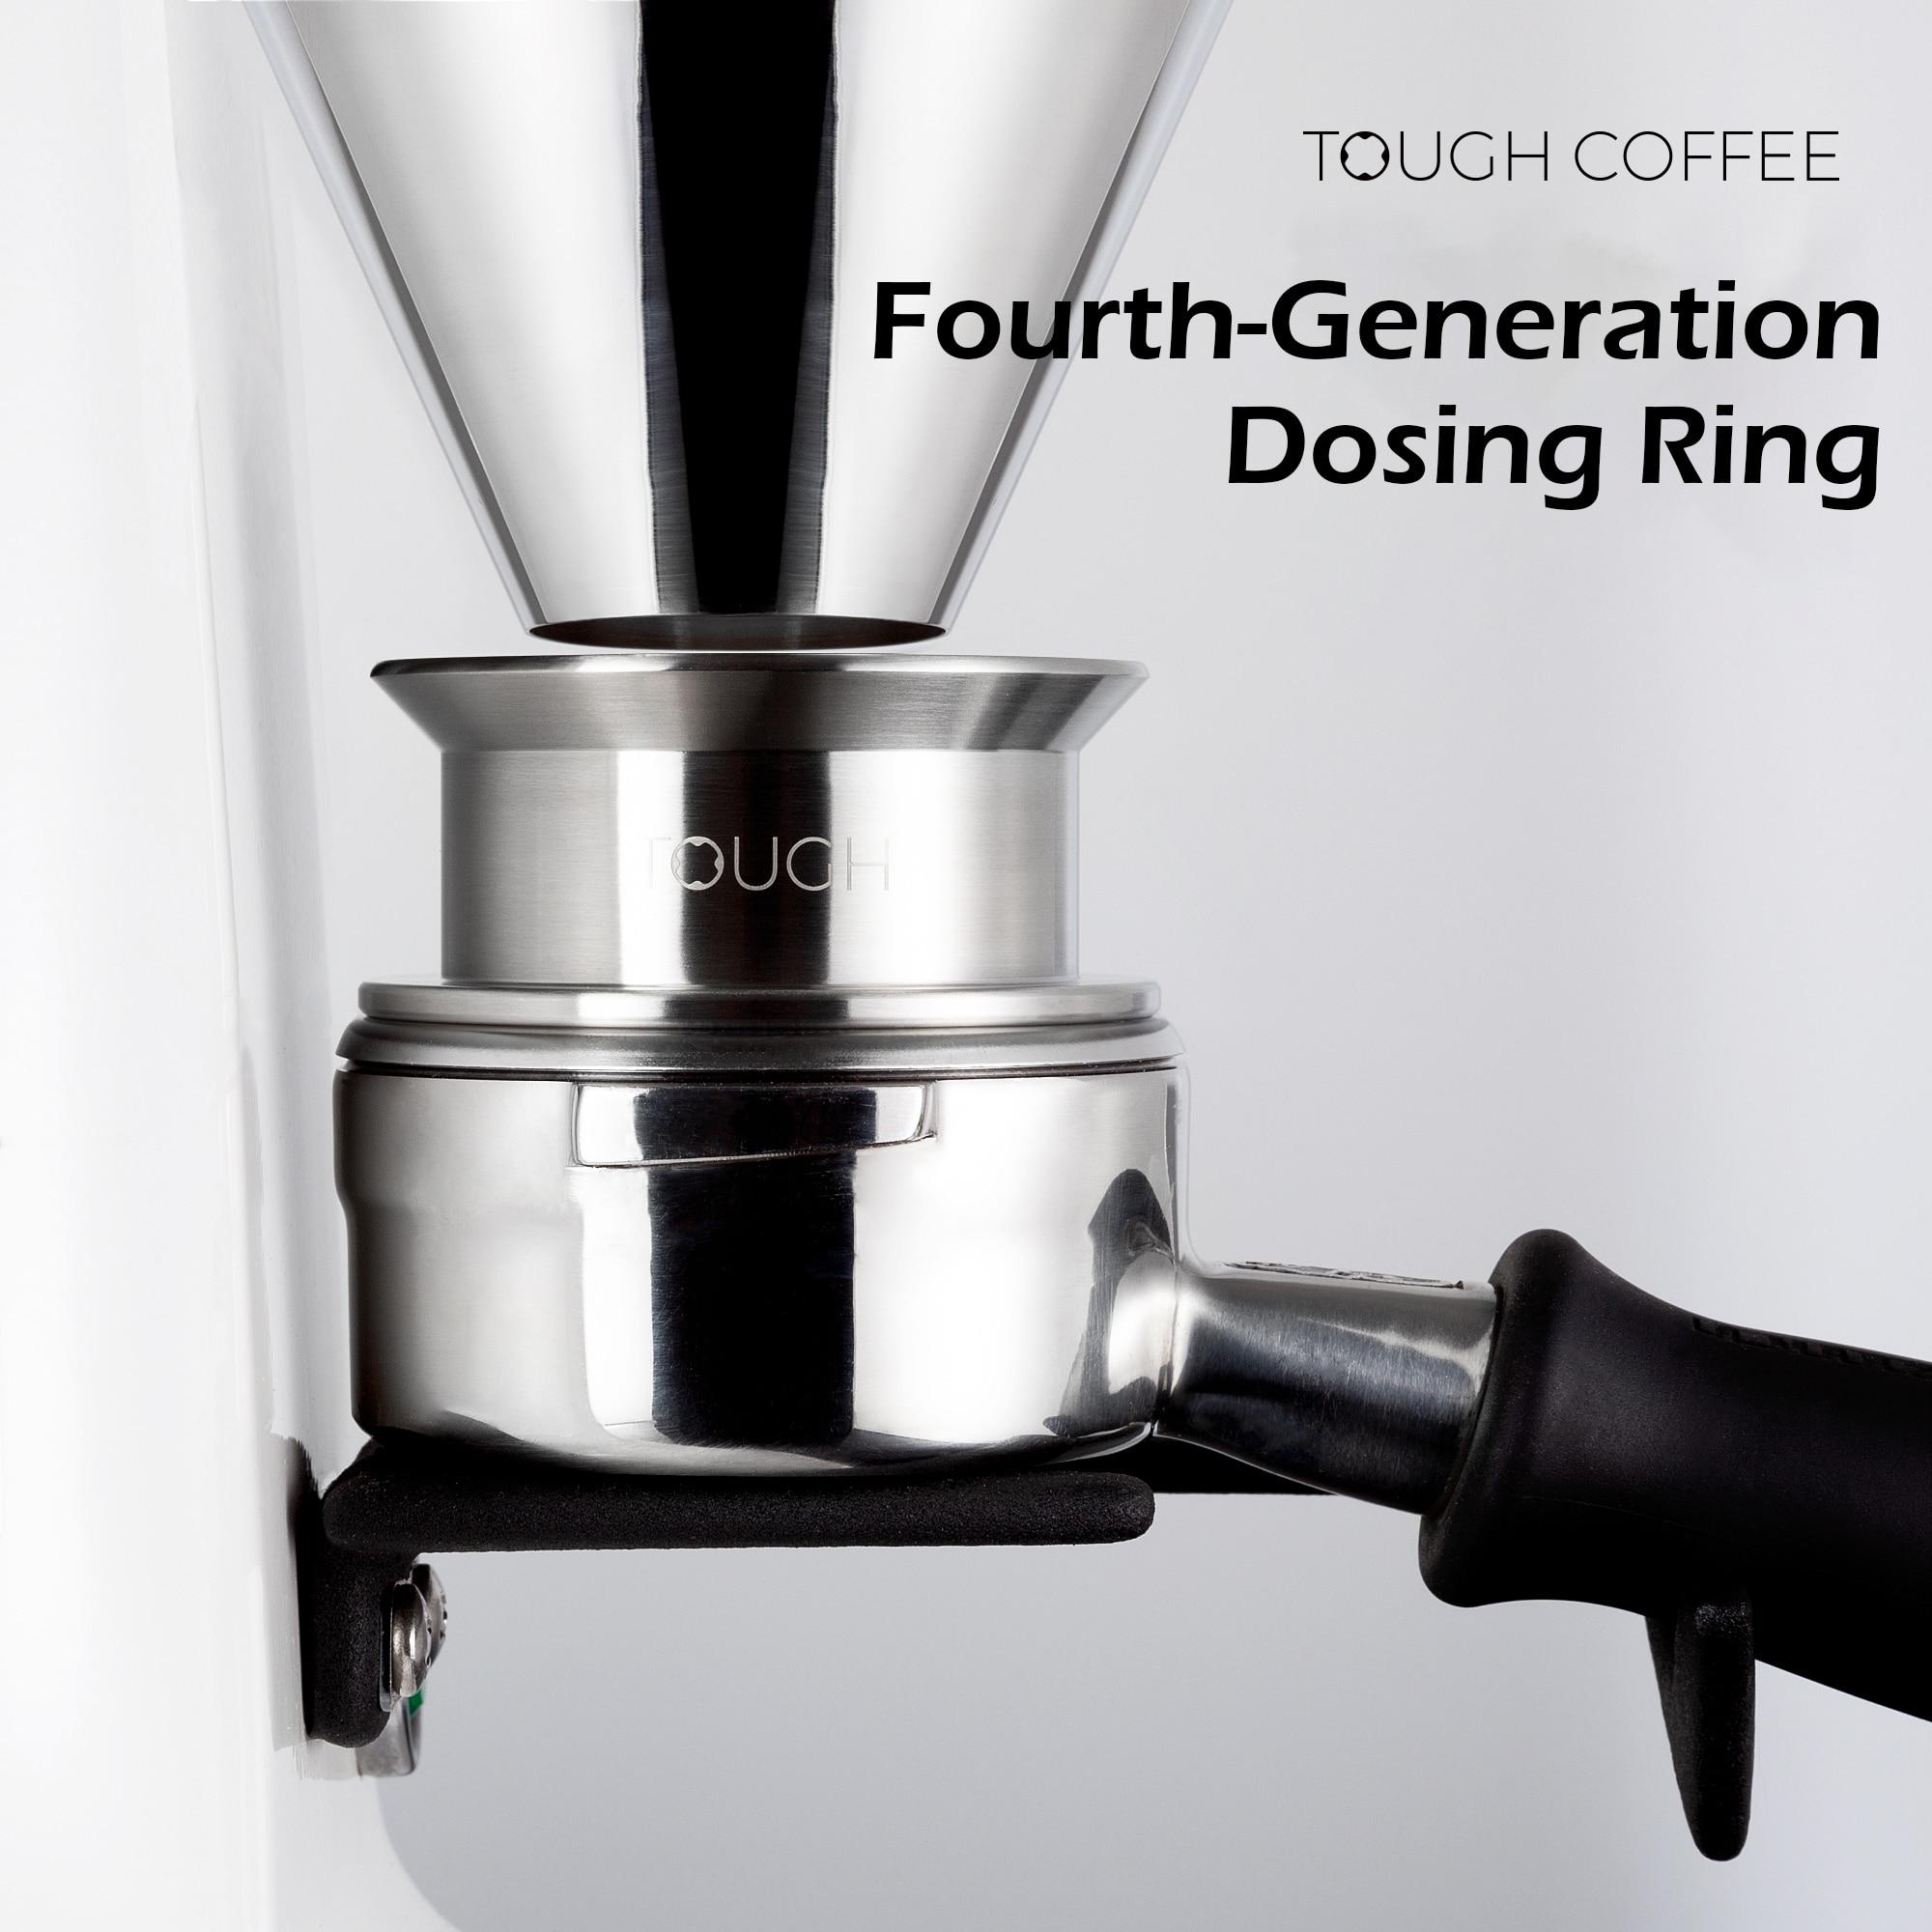 إسبرسو باريستا ذكي الجرعات الدائري 304 الفولاذ المقاوم للصدأ 58 مللي متر/58.5 مللي متر مكافحة يطير مسحوق ل EK43/K30 تختمر السلطانية أدوات القهوة